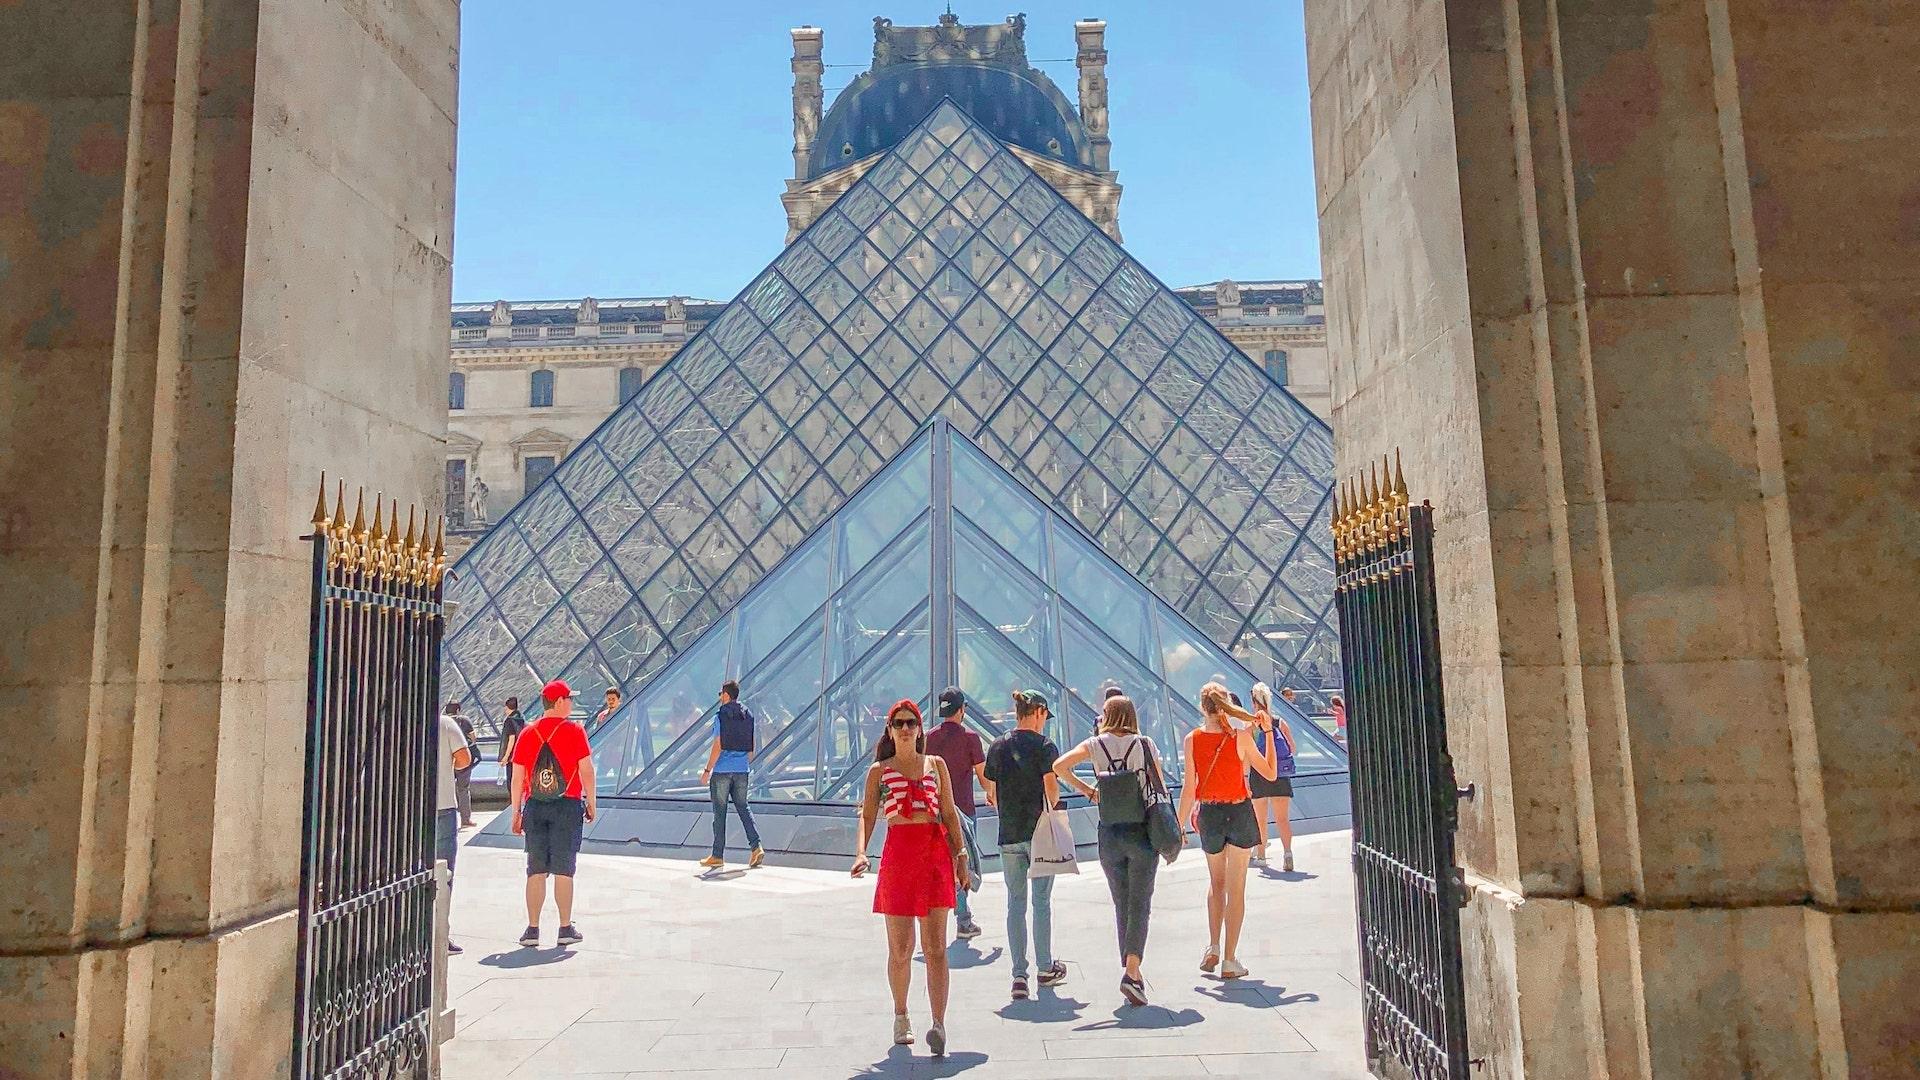 dicas museu do Louvre em Paris - França